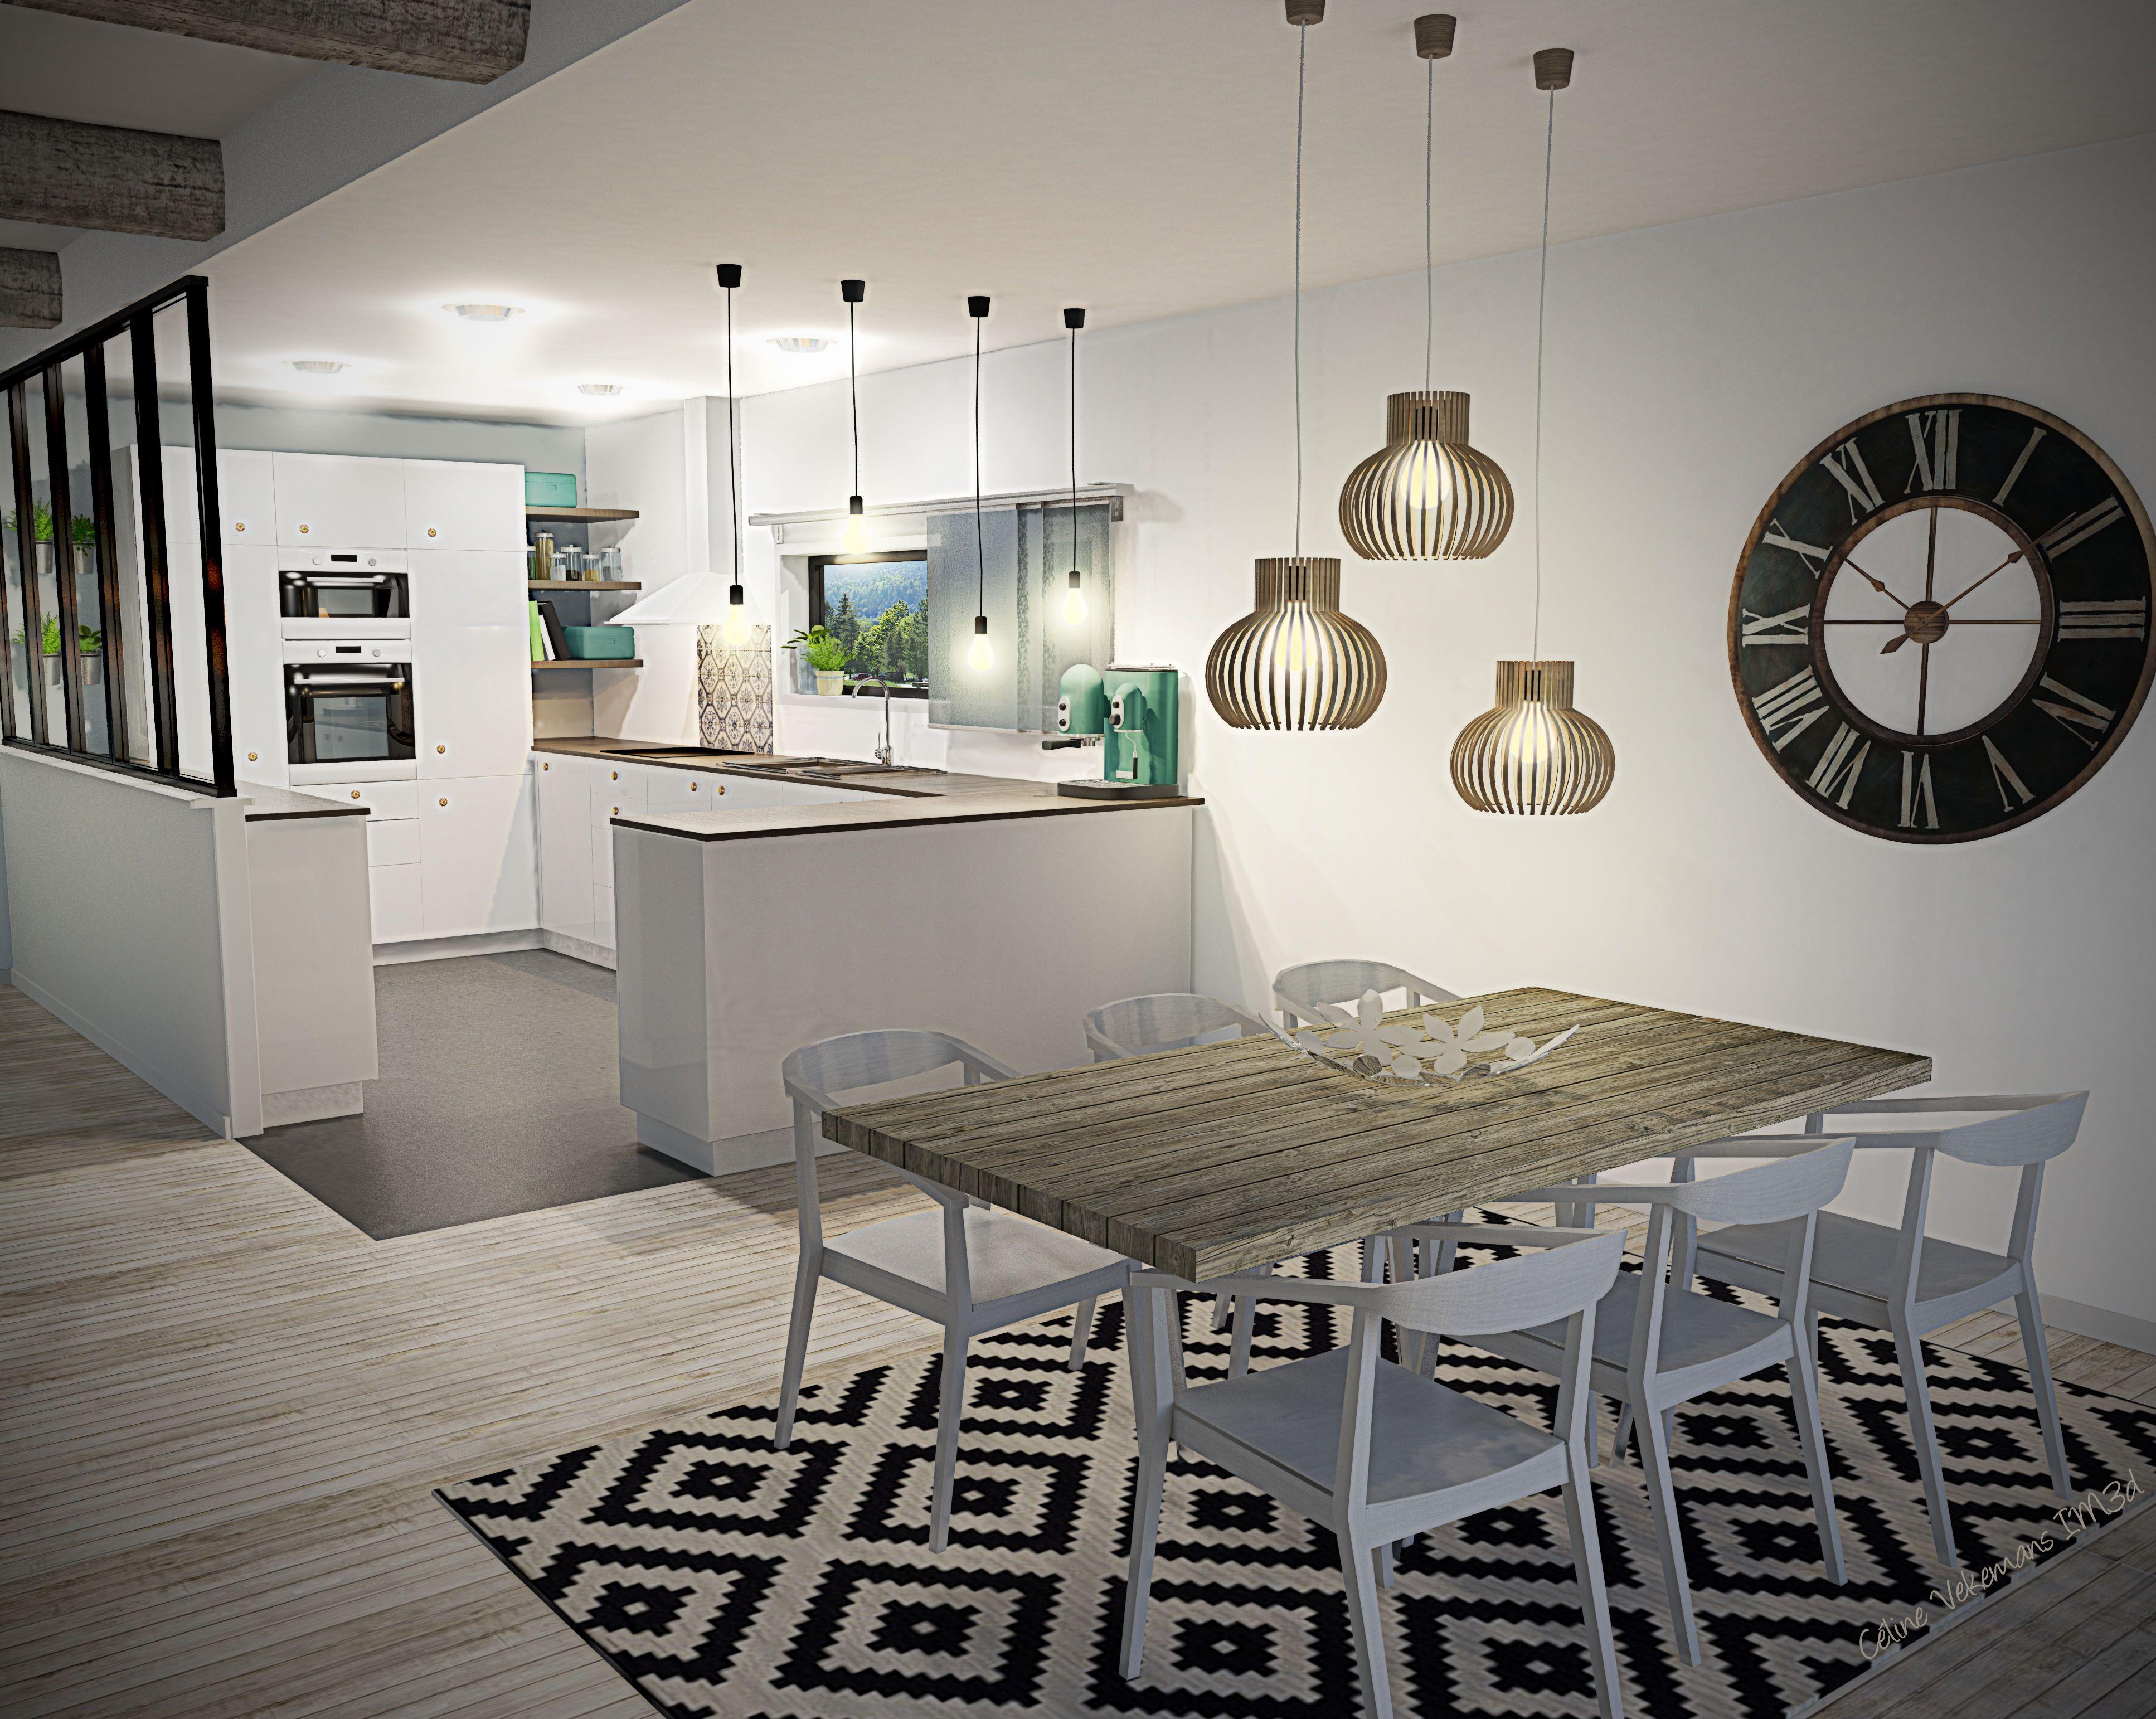 cuisine salle a manger scandinave 3d